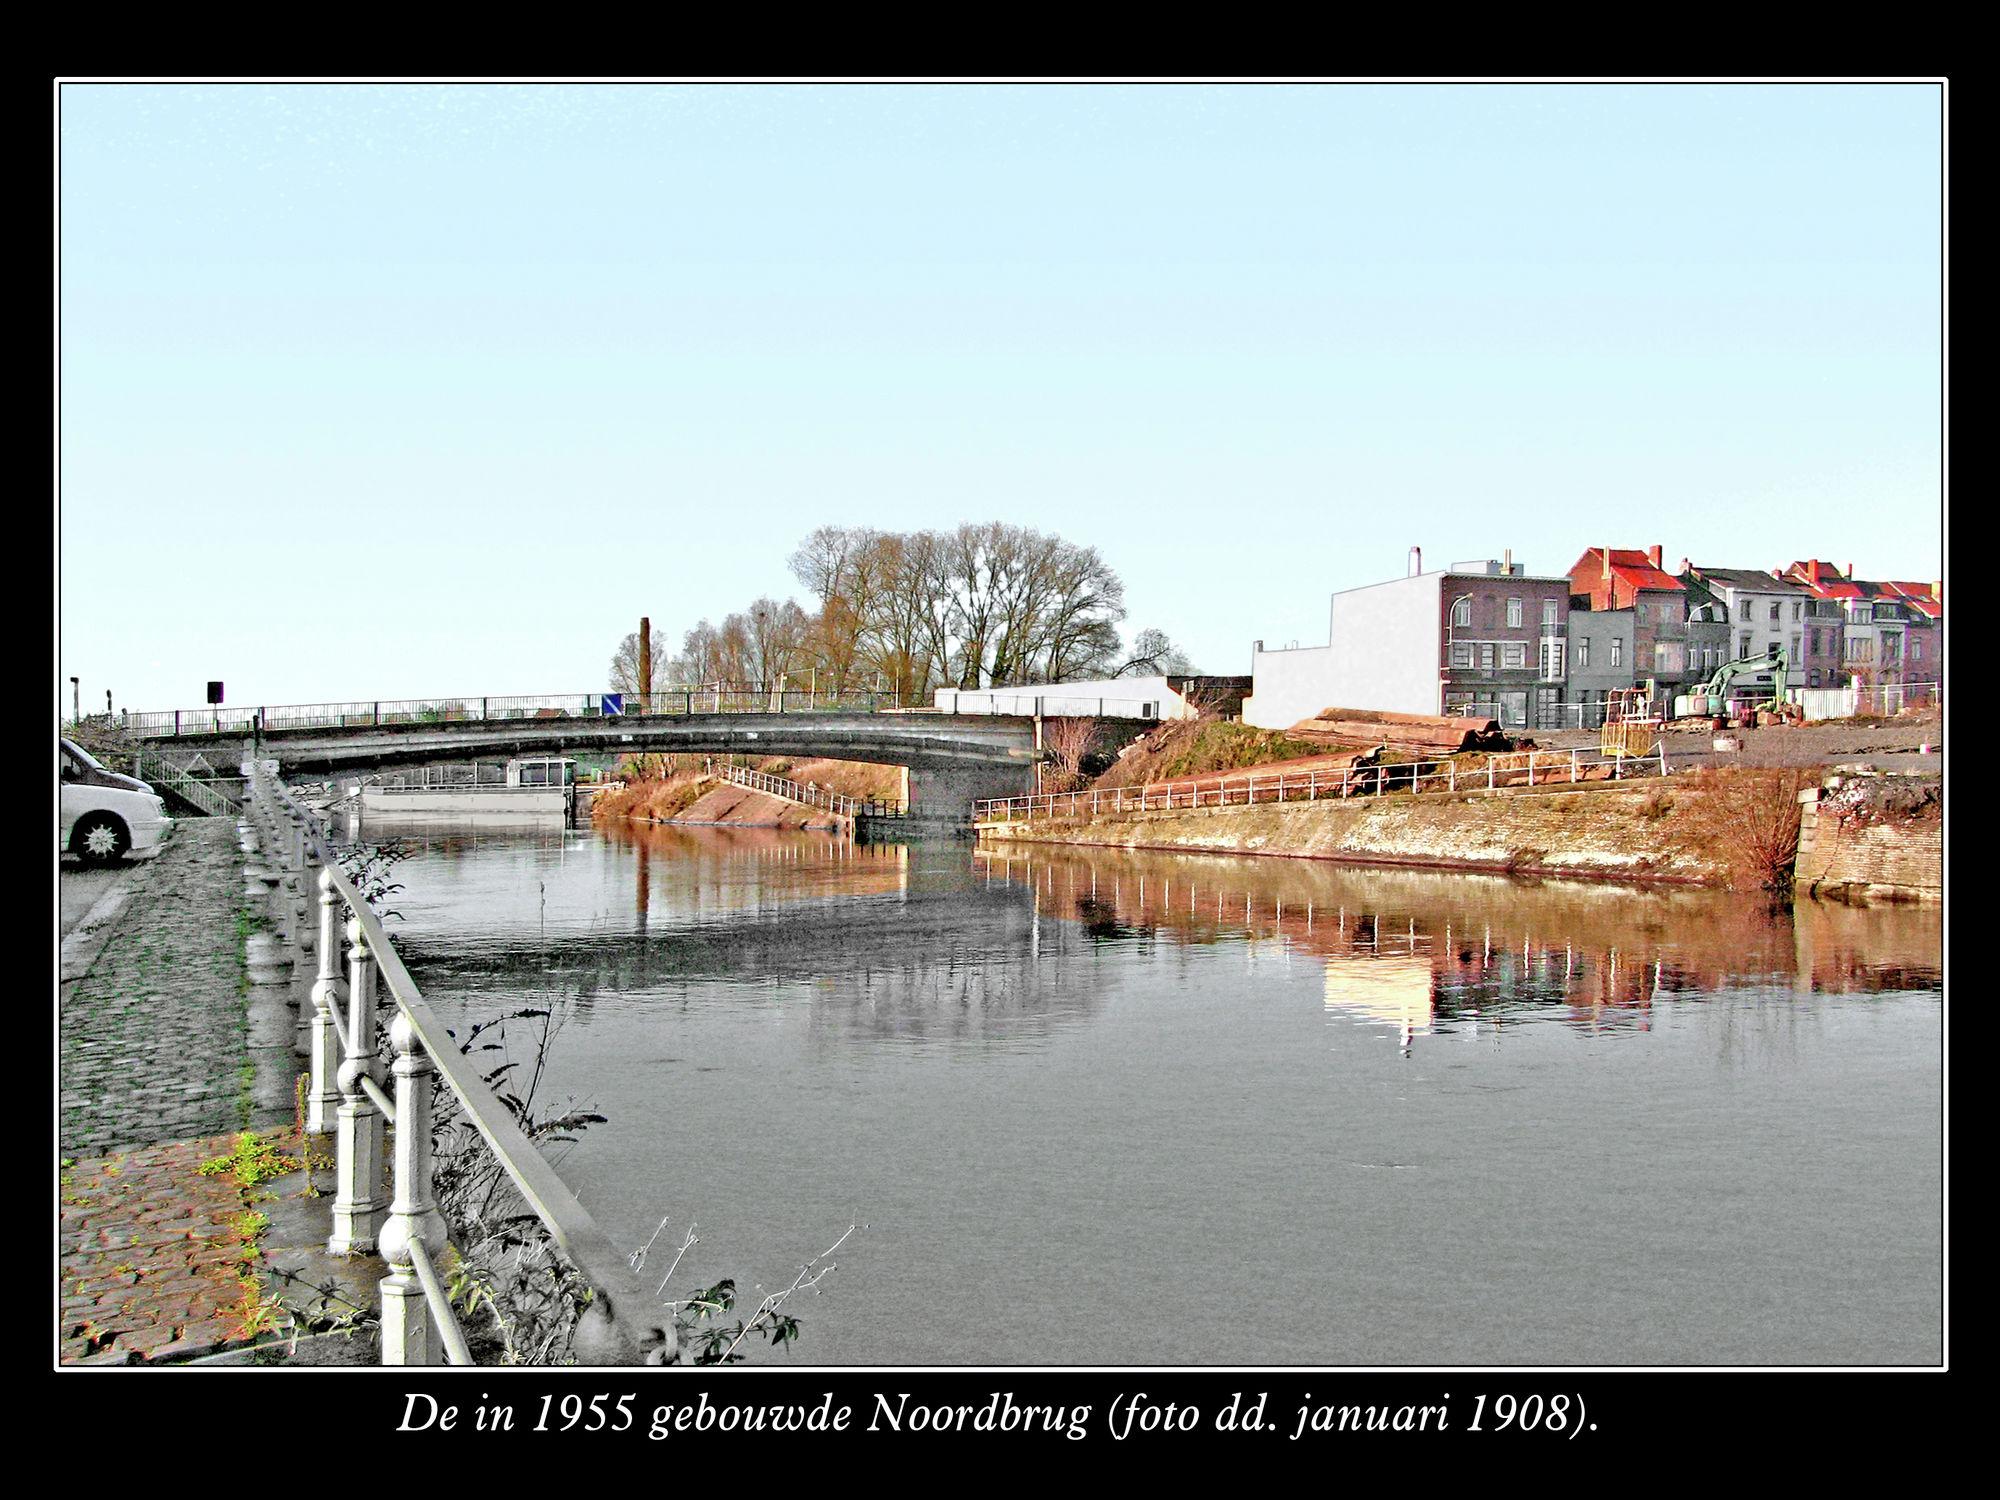 Noordbrug